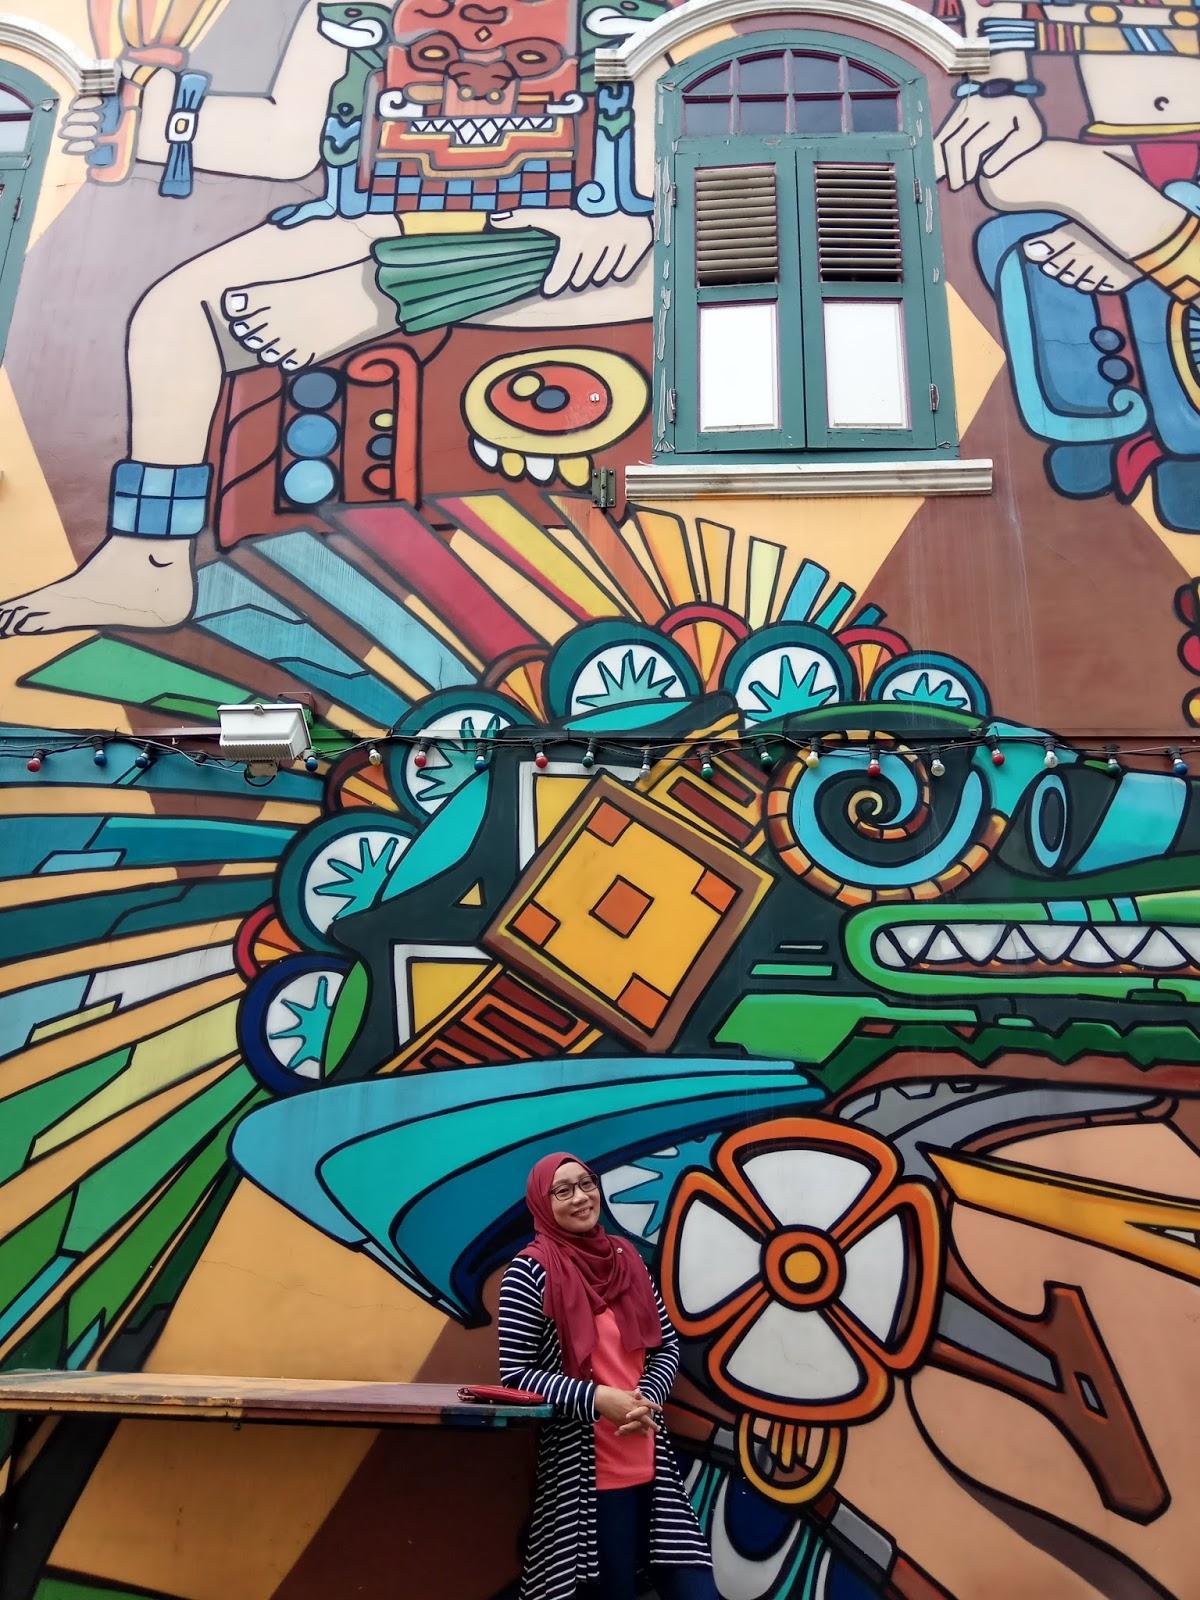 2018 ohsem bah for Mural yang cantik